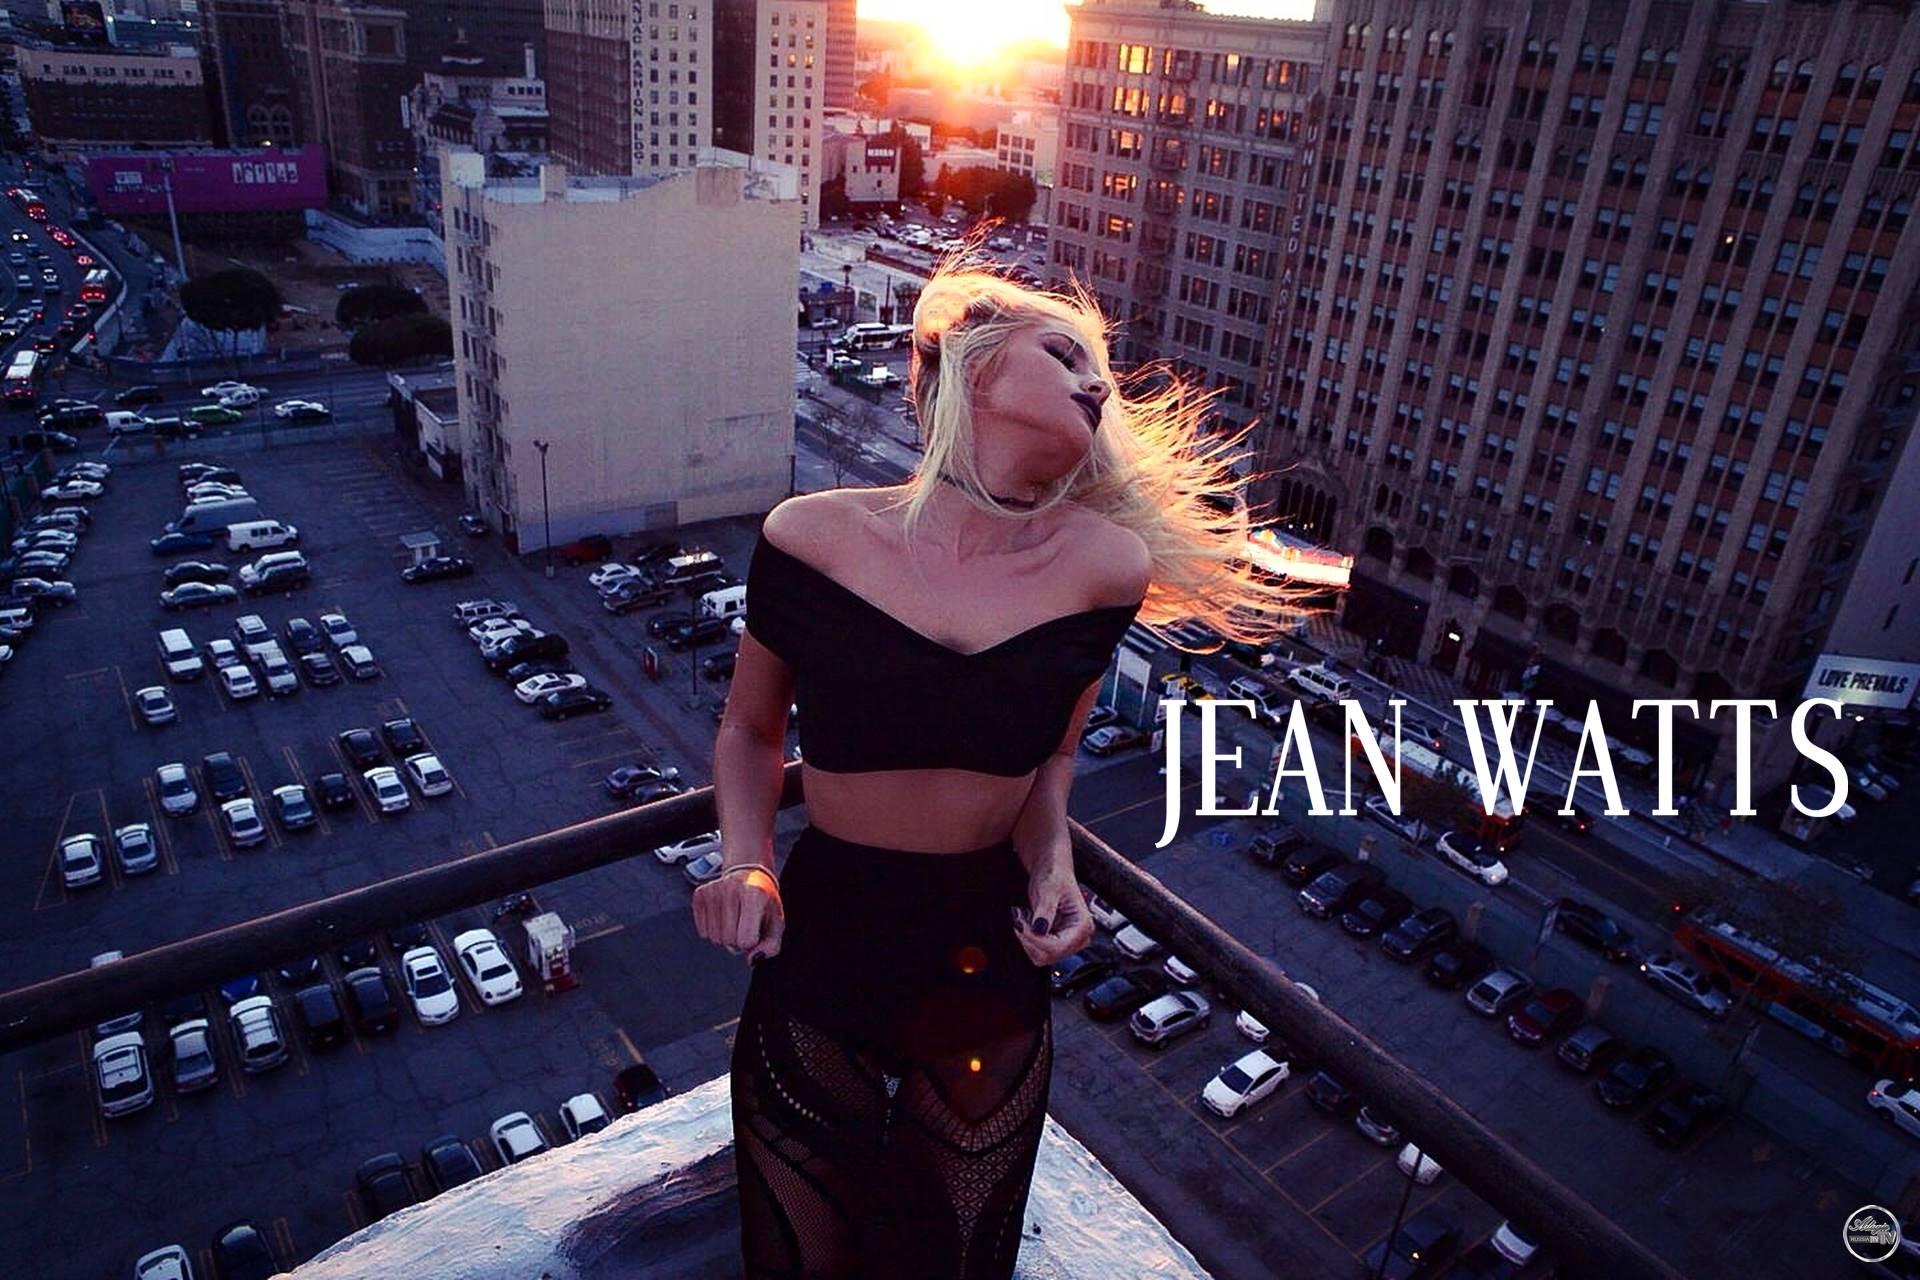 Jean Watts